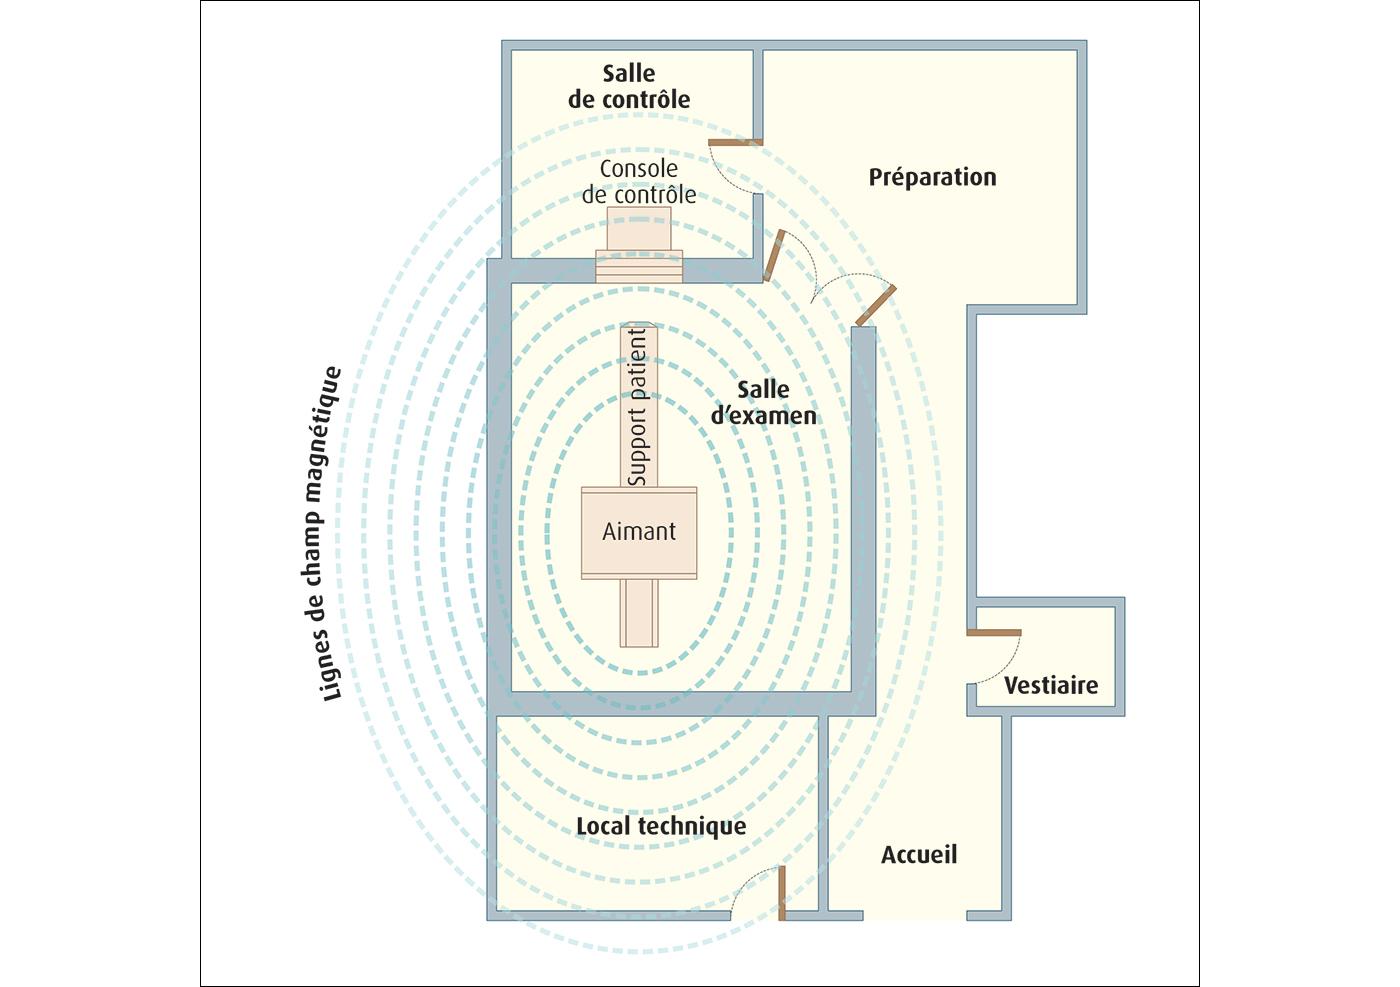 champs lectromagn tiques r duire les risques li s aux champs lectromagn tiques risques inrs. Black Bedroom Furniture Sets. Home Design Ideas